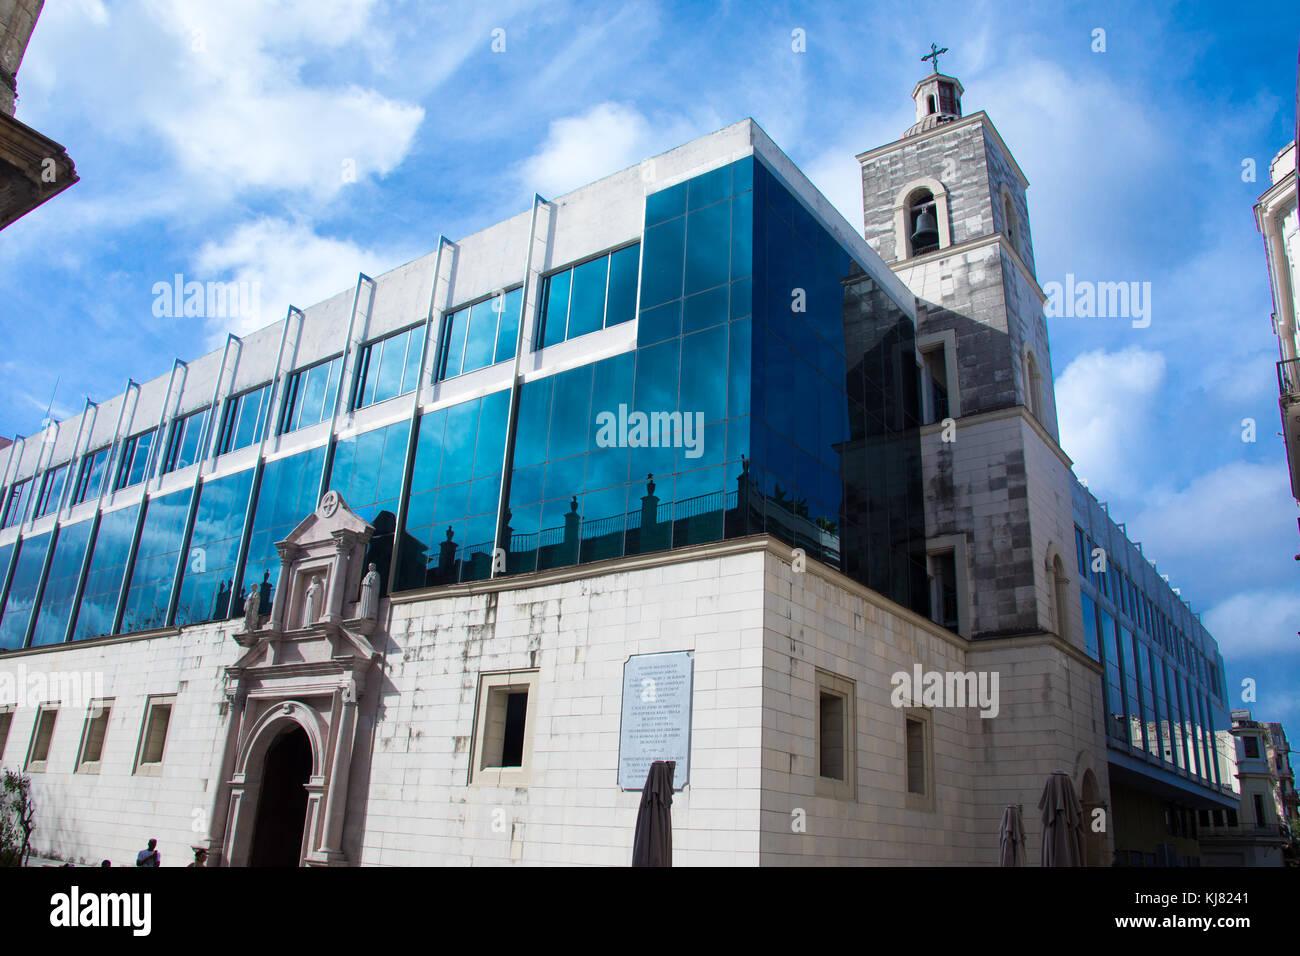 Universidad de san Geronimo, San Geronimo University, Havana, Cuba - Stock Image